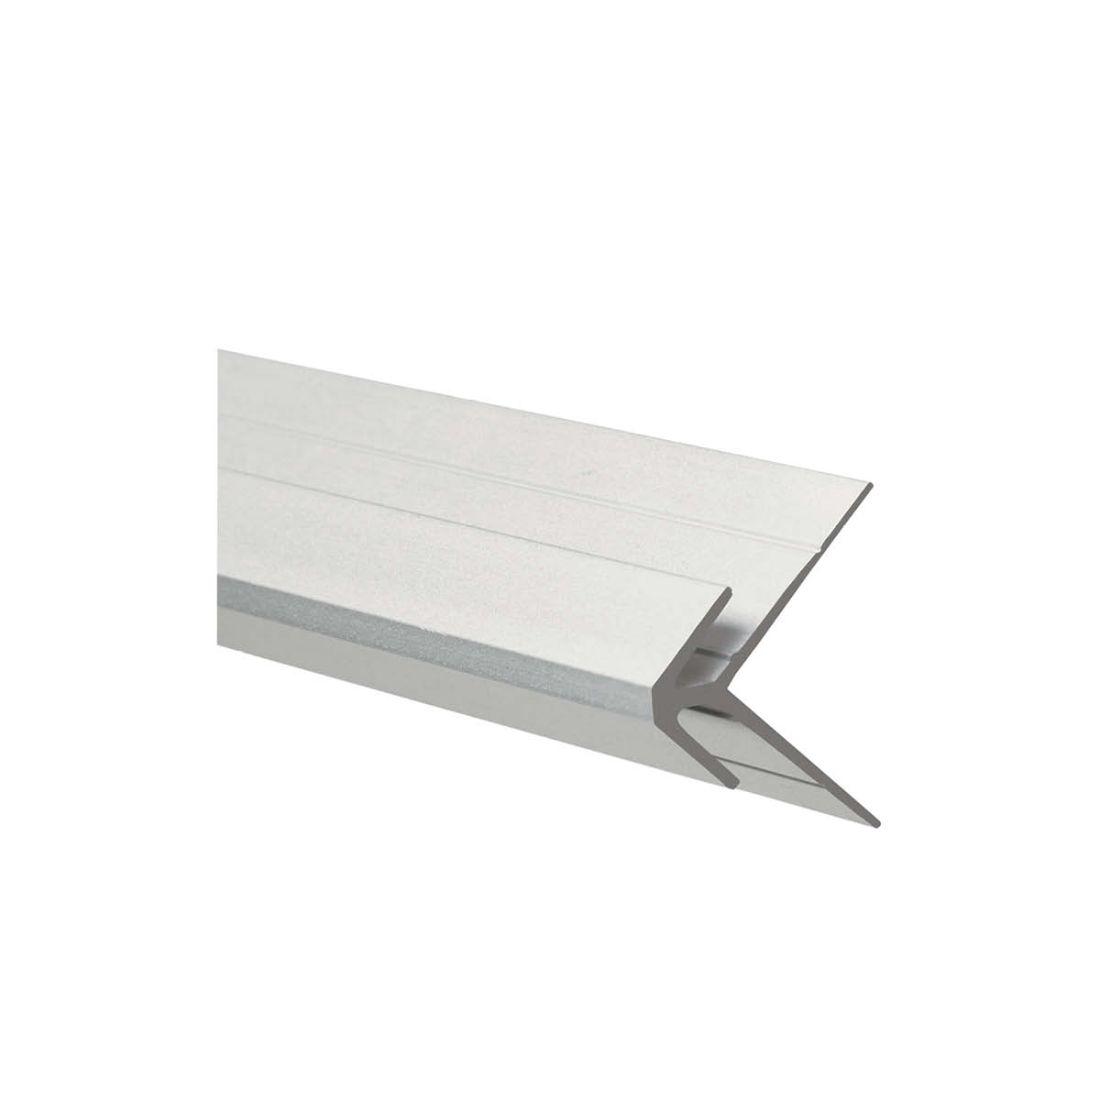 Aluminium External Corner Jointer Noir Kiss 2700 x 4.5mm